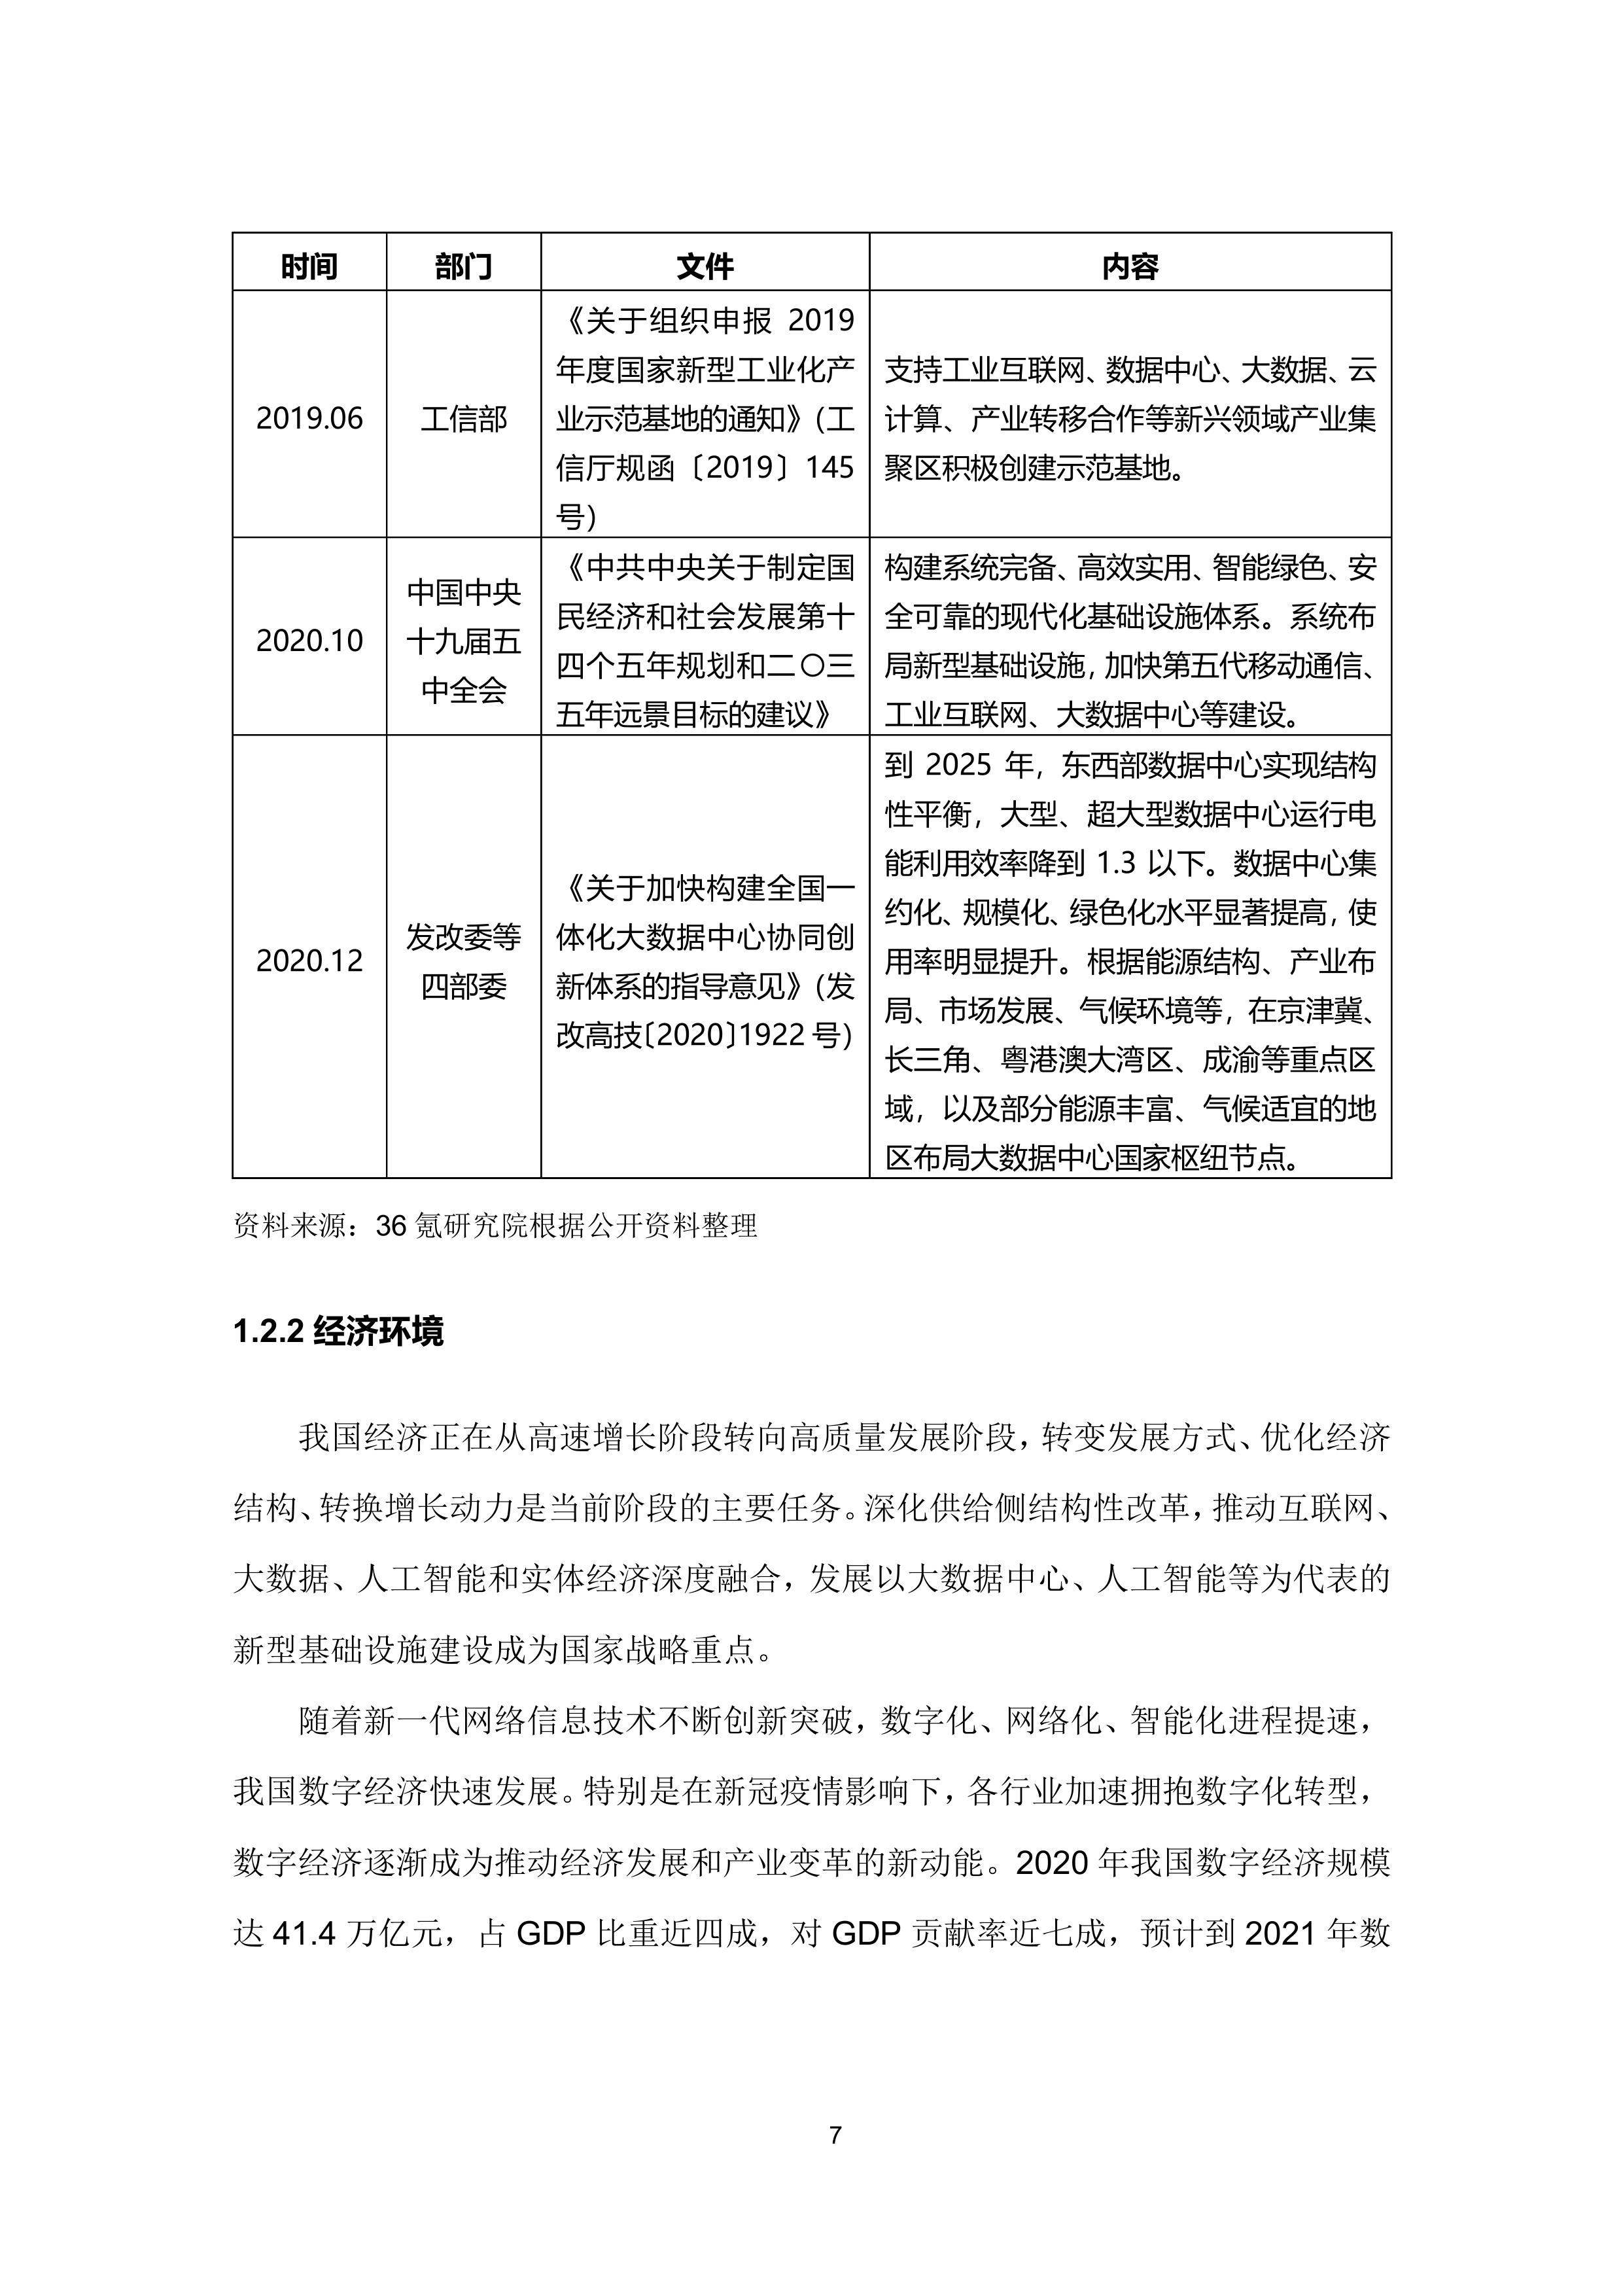 36氪研究院 - 新基建系列之:2020年中国城市数据中心发展指数报告-大菠萝官网(图18)